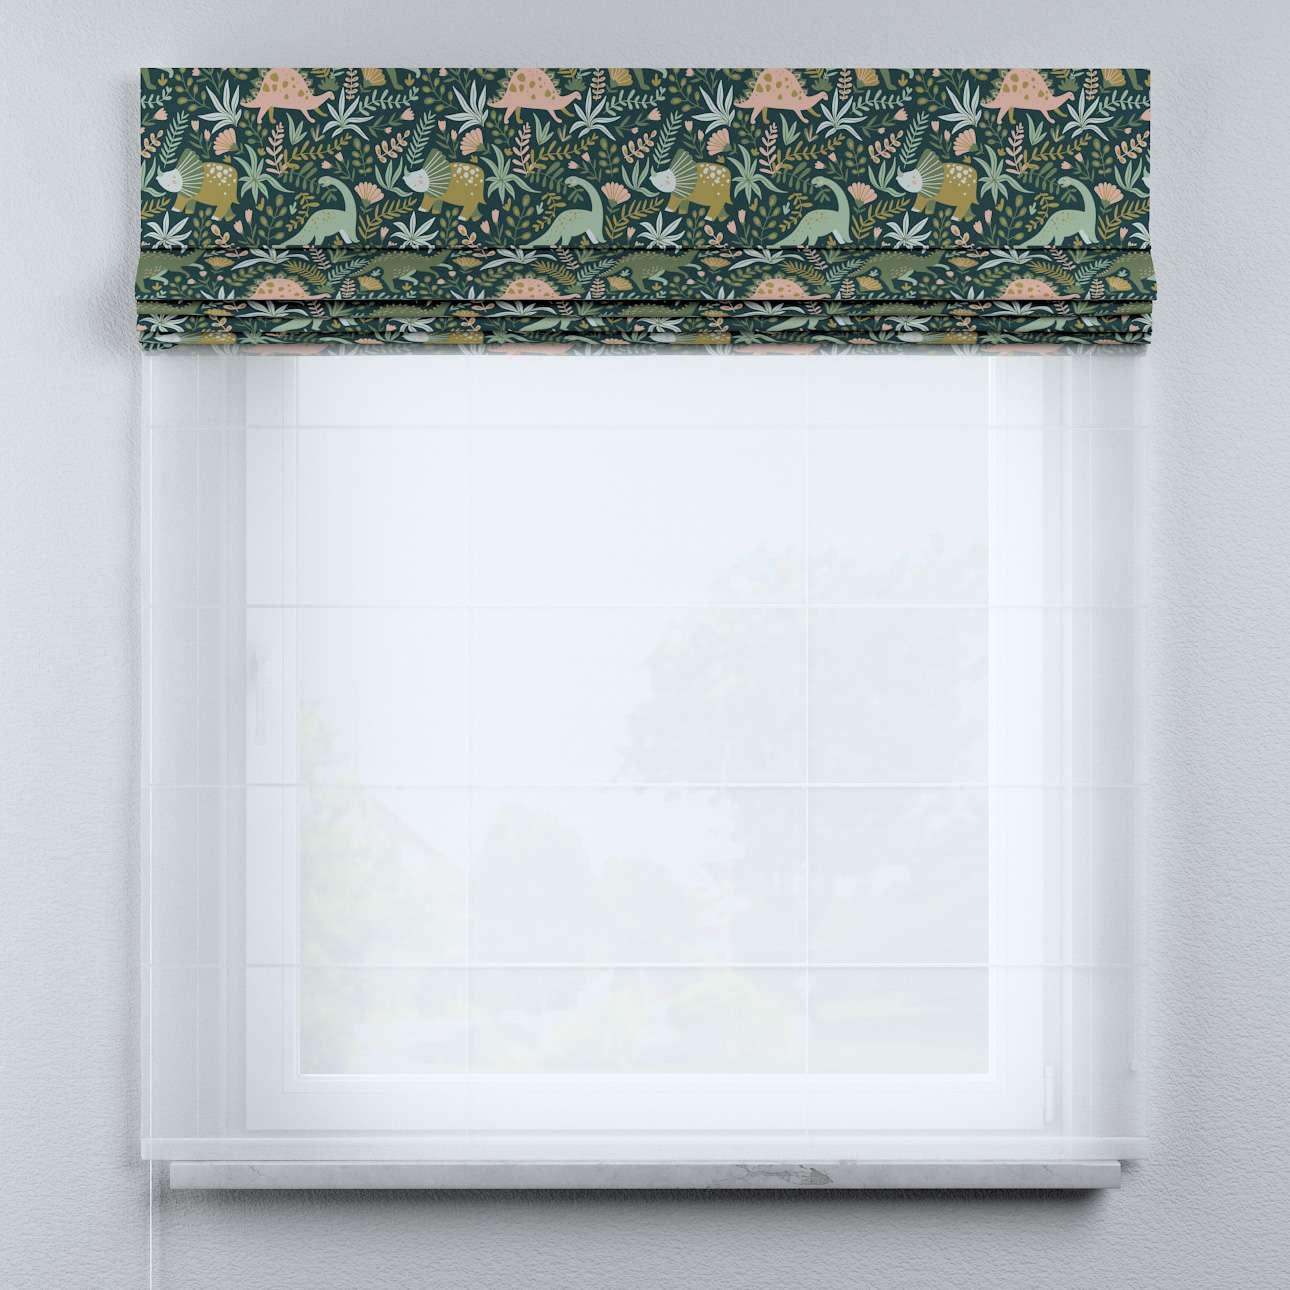 Raffrollo Duo 130×170cm von der Kollektion Magic Collection, Stoff: 500-20